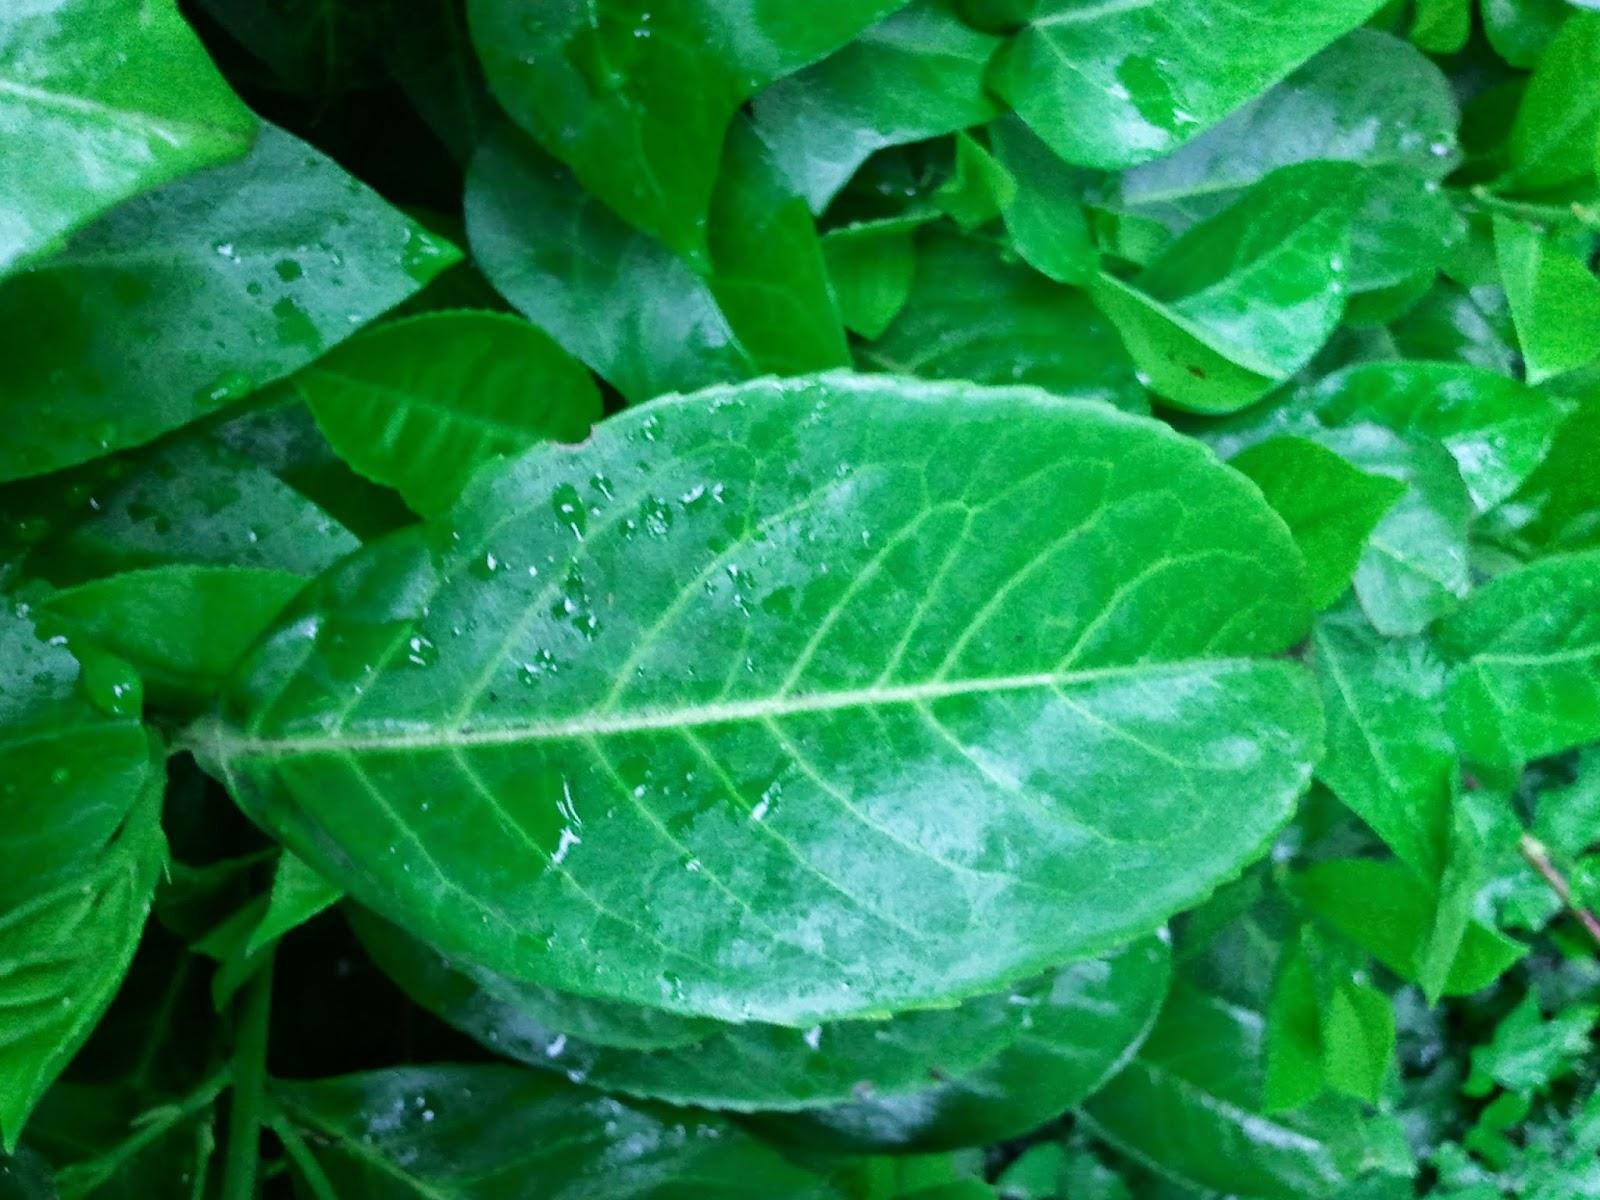 leaf, texture, image